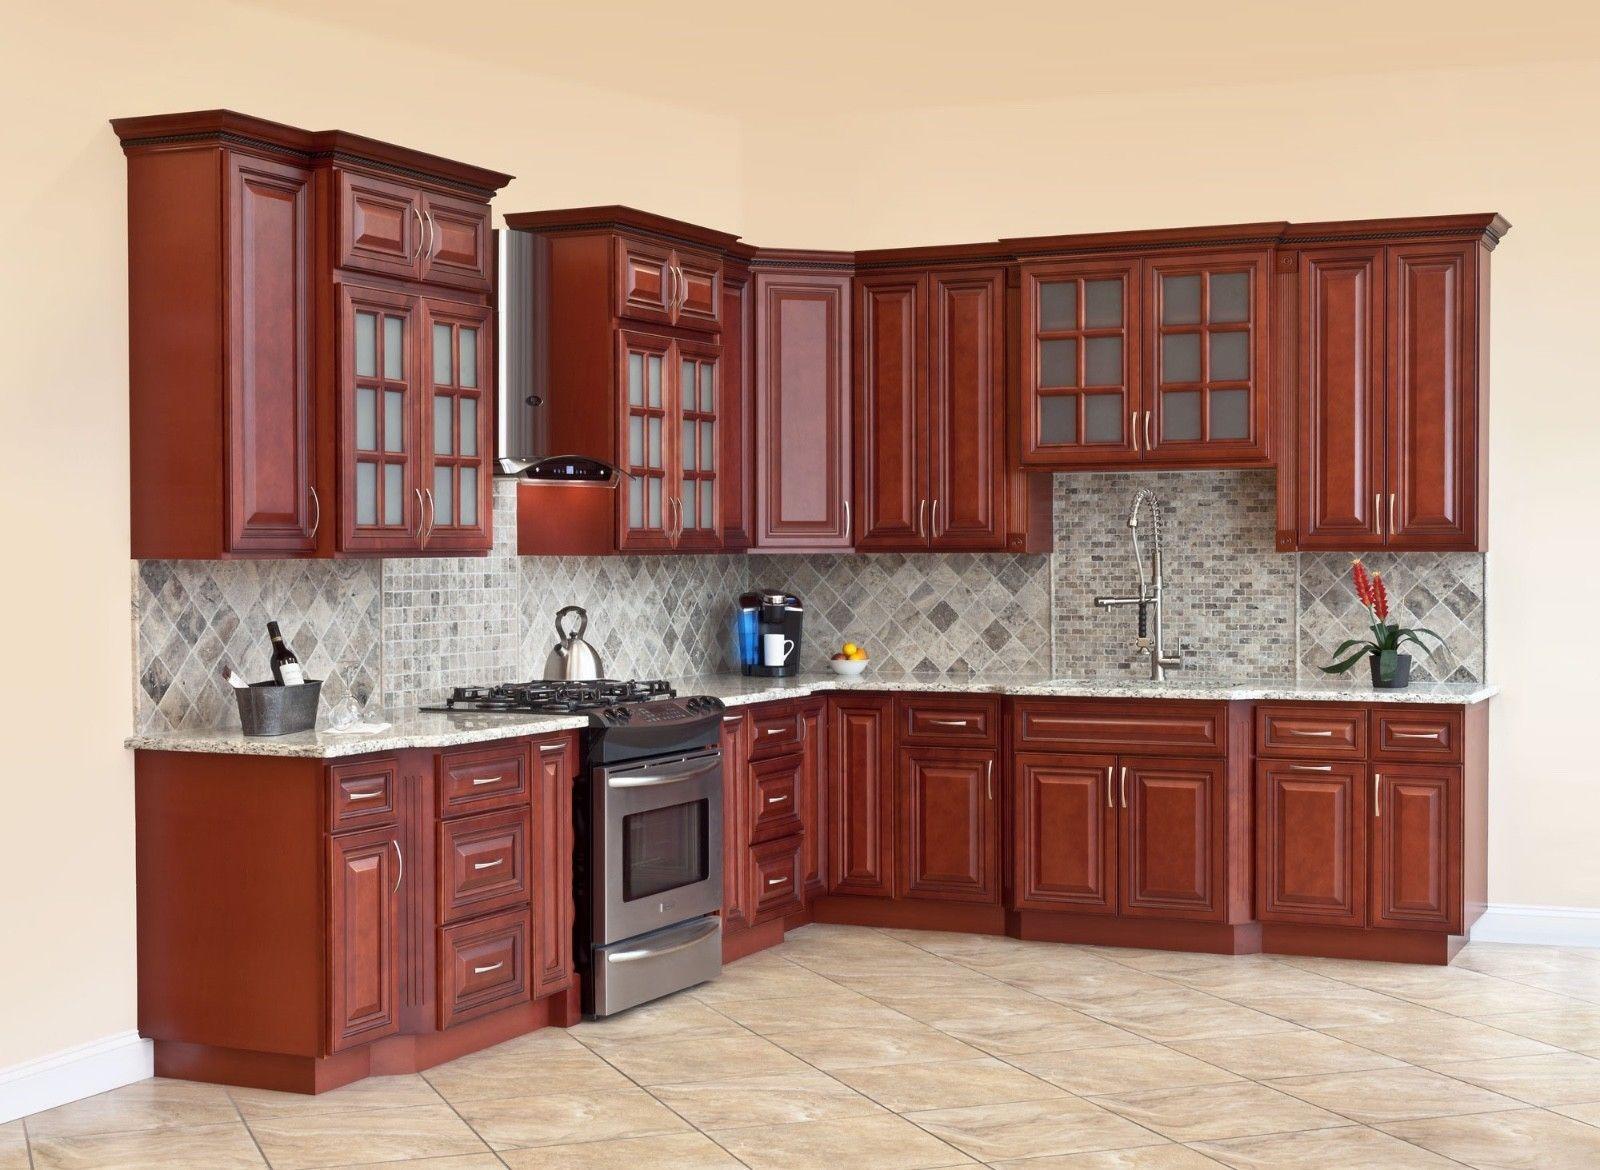 10x10 All Solid Wood Kitchen Cabinets Cherryville Rta 816124022480 Ebay Wood Kitchen Cabinets Solid Wood Kitchens Wood Kitchen